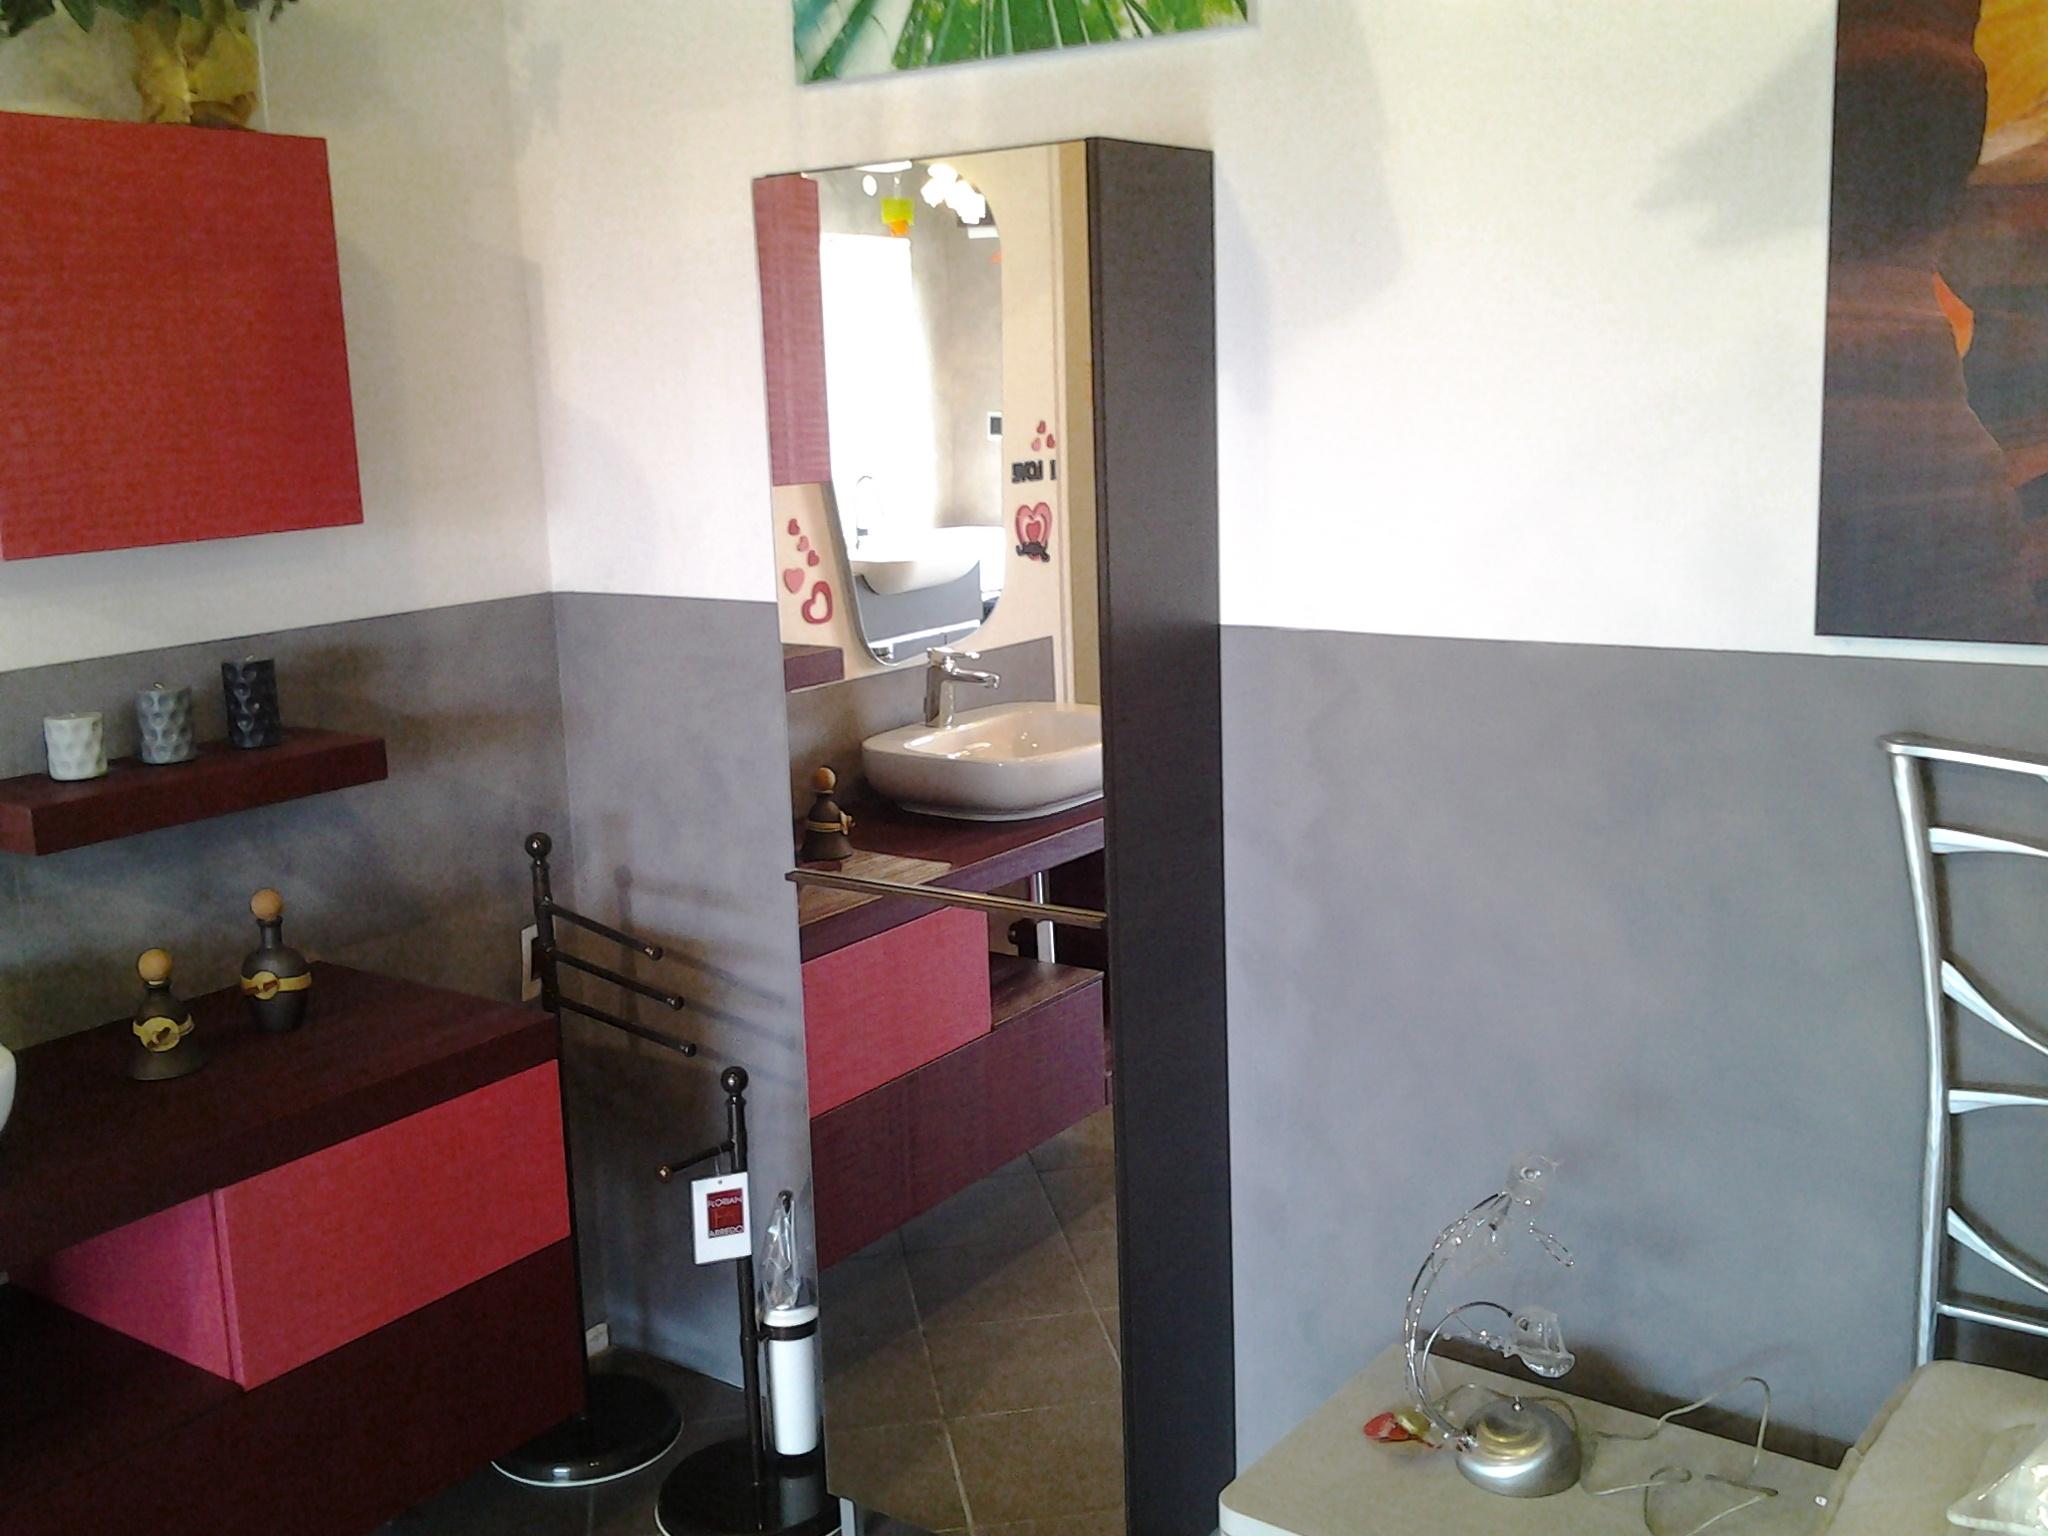 scarpiera anta specchio modello linear - arredo bagno a prezzi ... - Arredo Bagno Provincia Di Milano